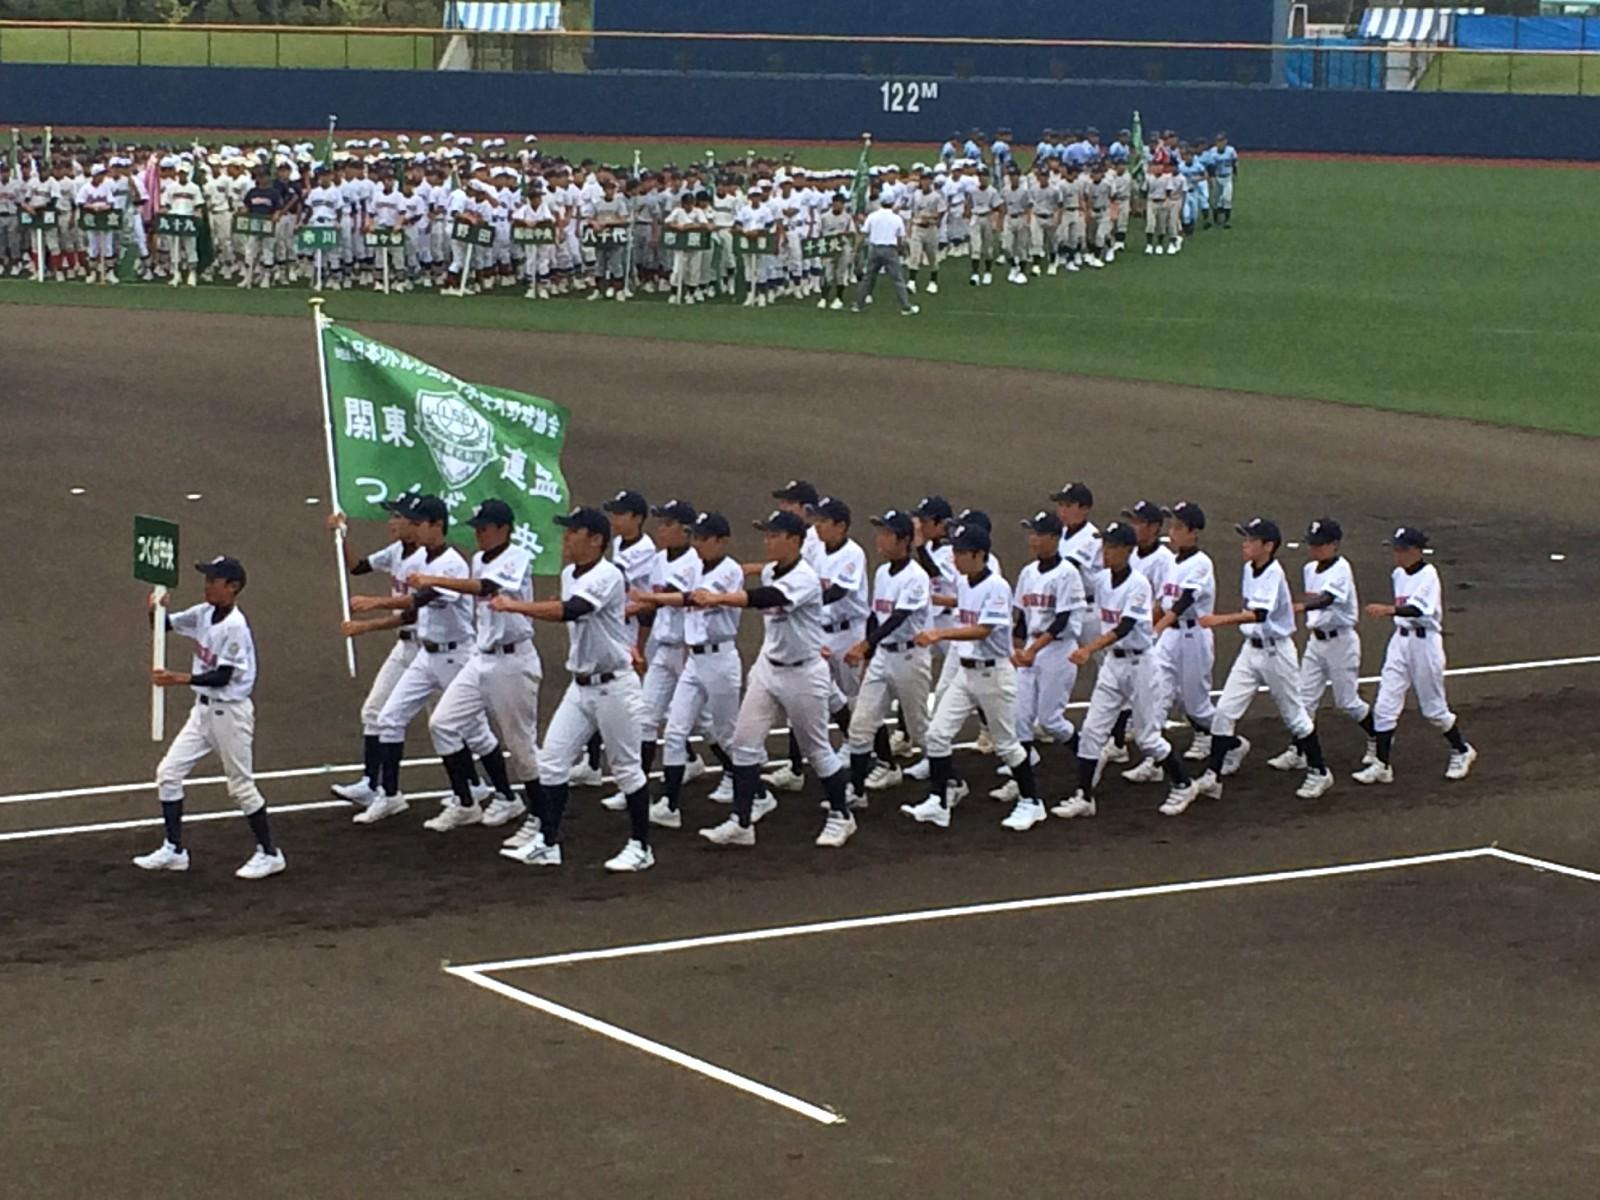 2014.08.17 2014メイコウカップ東関東支部秋季大会 開会式 行進